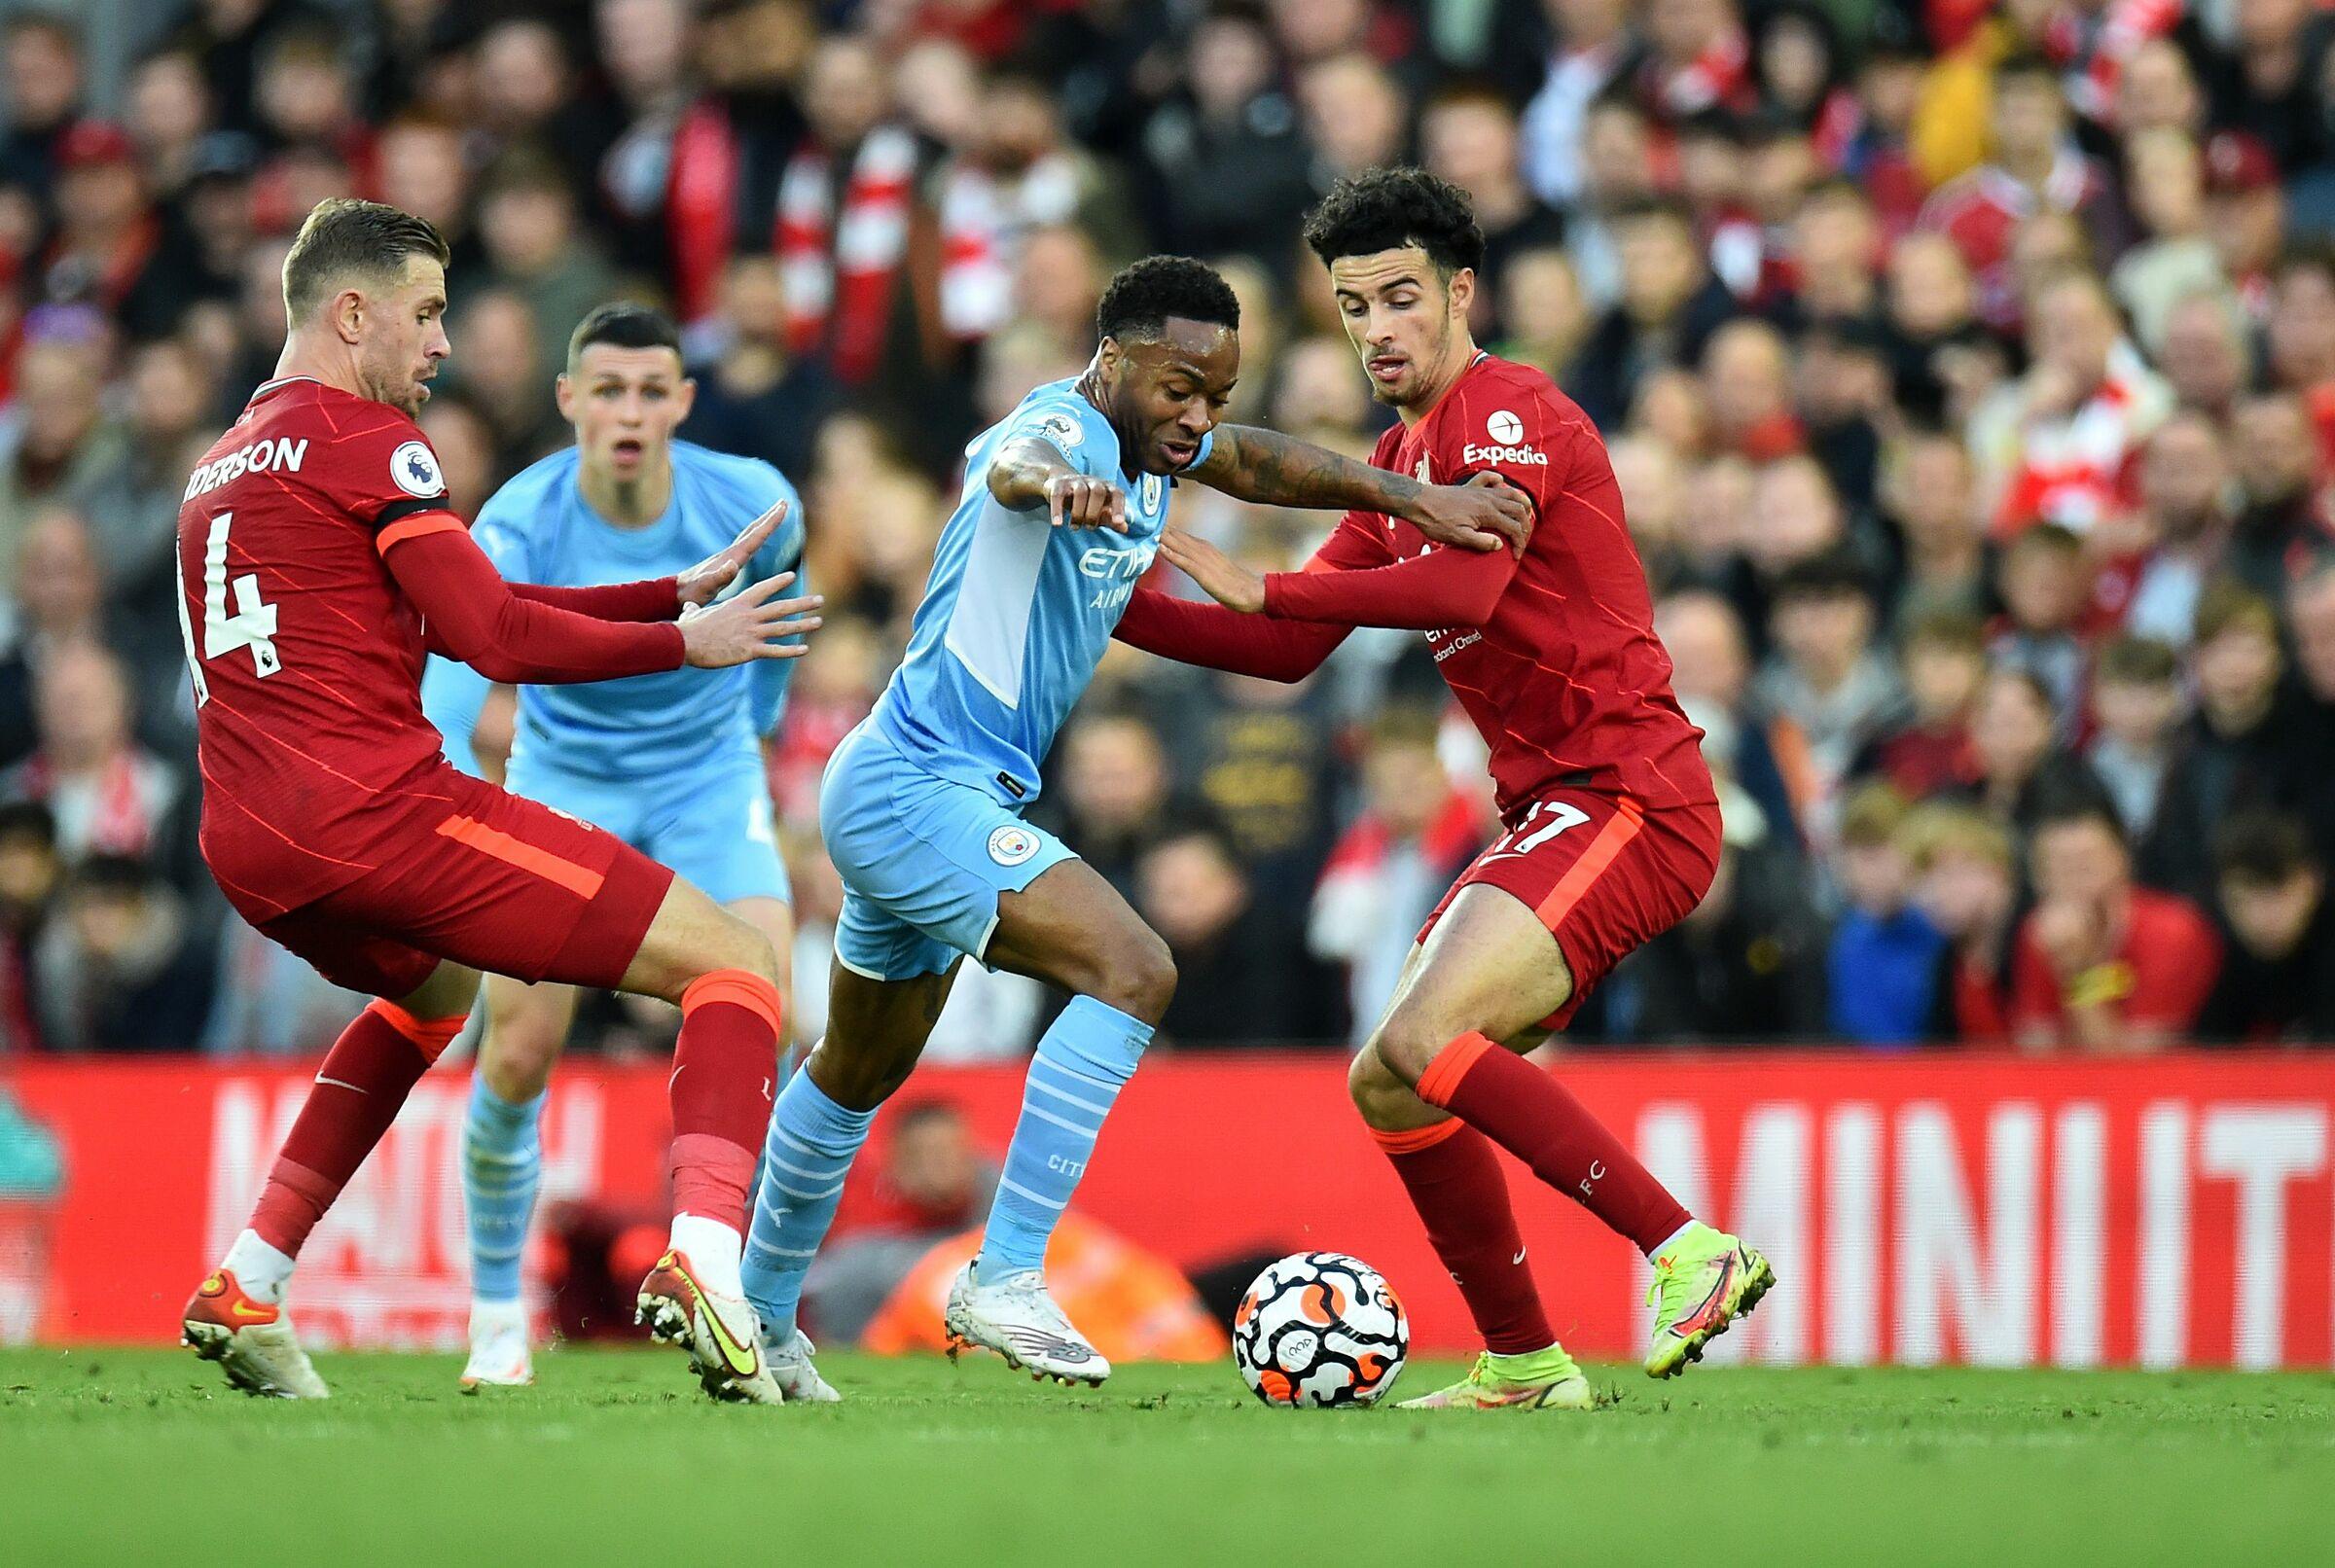 Sterling và Foden (áo xanh) trong ảnh là hai trong nhiều cầu thủ tấn công chơi không hiệu quả của Man City trong trận hoà Liverpool 2-2 tại Anfield hôm 3/10. Ảnh: Reuters